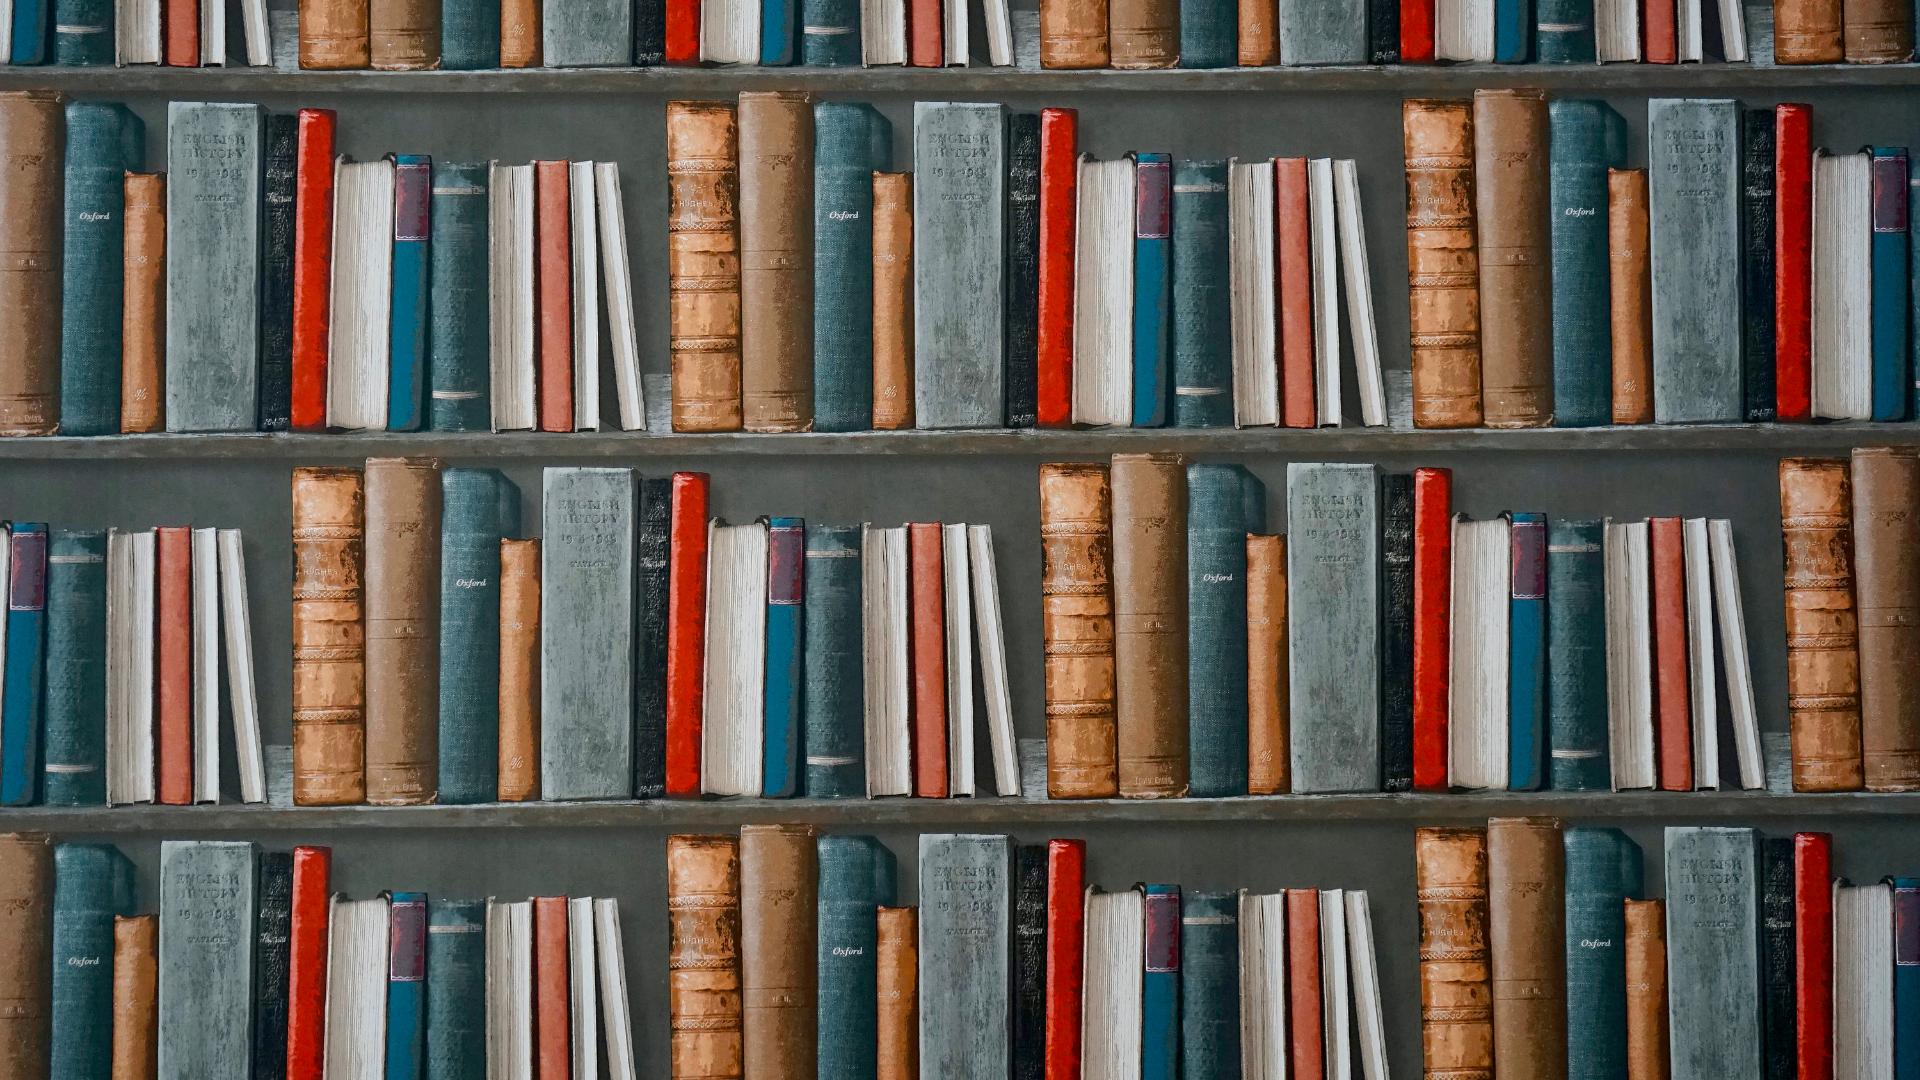 books-on-booksshelves